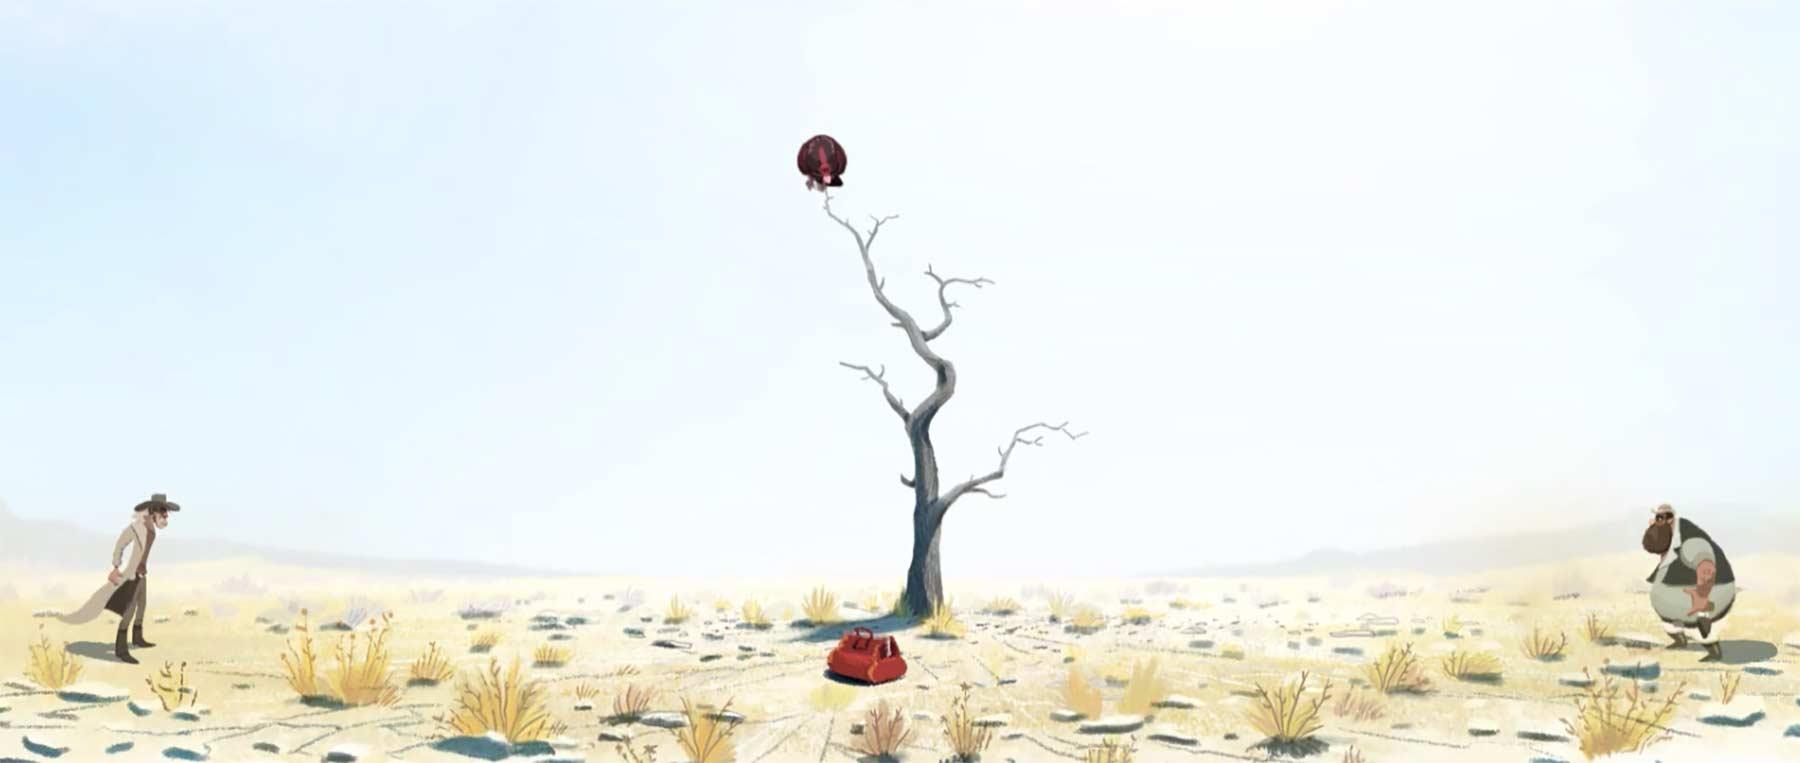 Spannendes Westernduell mit überraschendem Ausgang bird-of-prey-animierter-kurzfilm